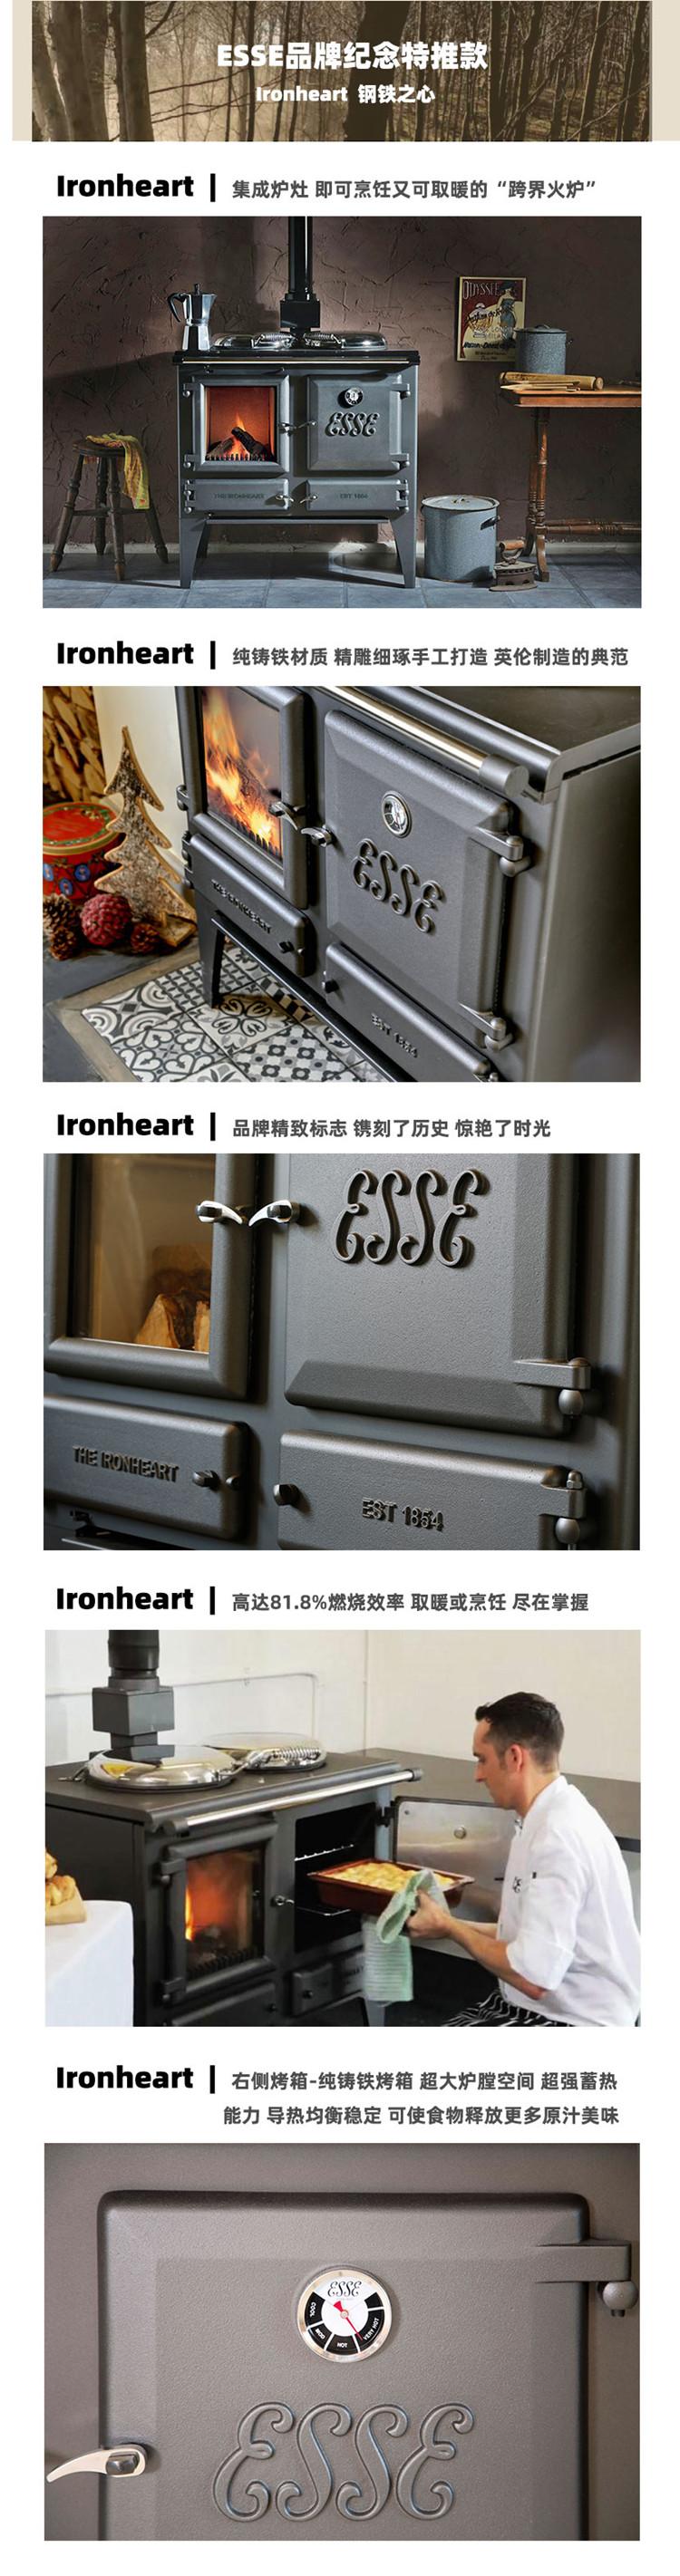 英国进口可做饭真火壁炉品牌-Esse-Ironheart.jpg